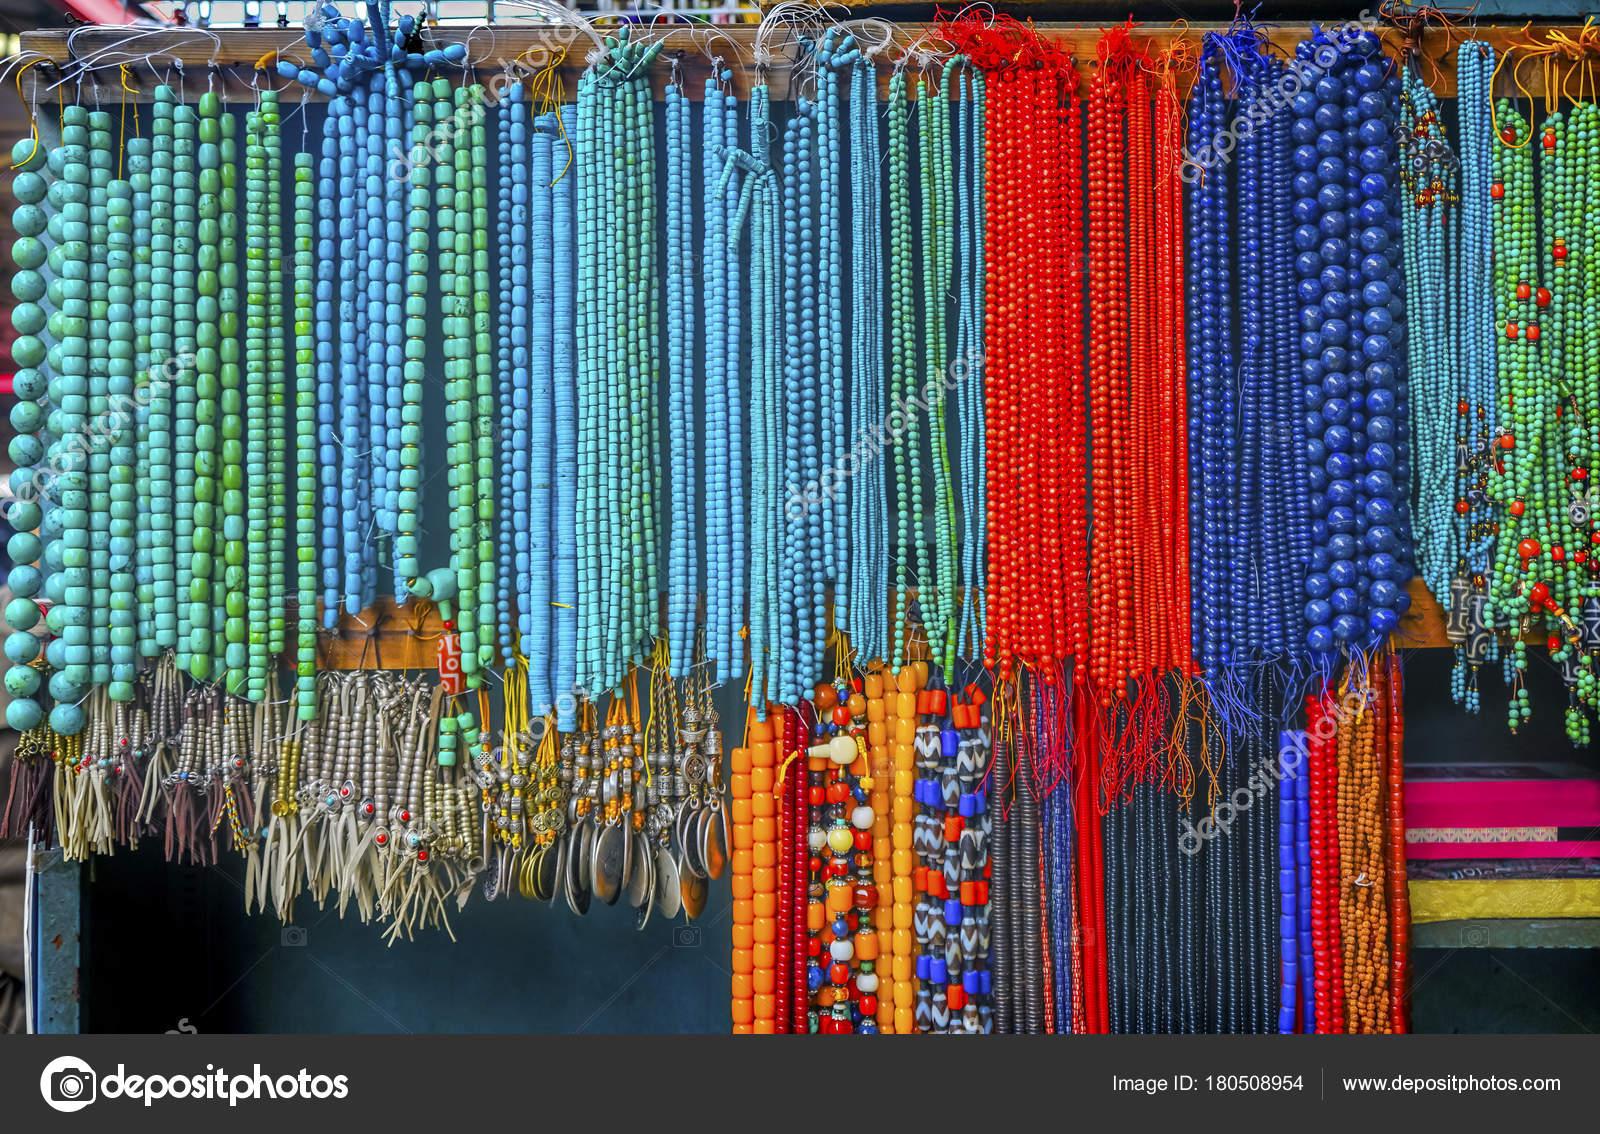 Синій червоний бірюзовими китайський керамічний бісером Panjuan блошиний  ринок Пекіні Китай. Curio Panjuan блошиний ринок має багато підробок f12615a694294